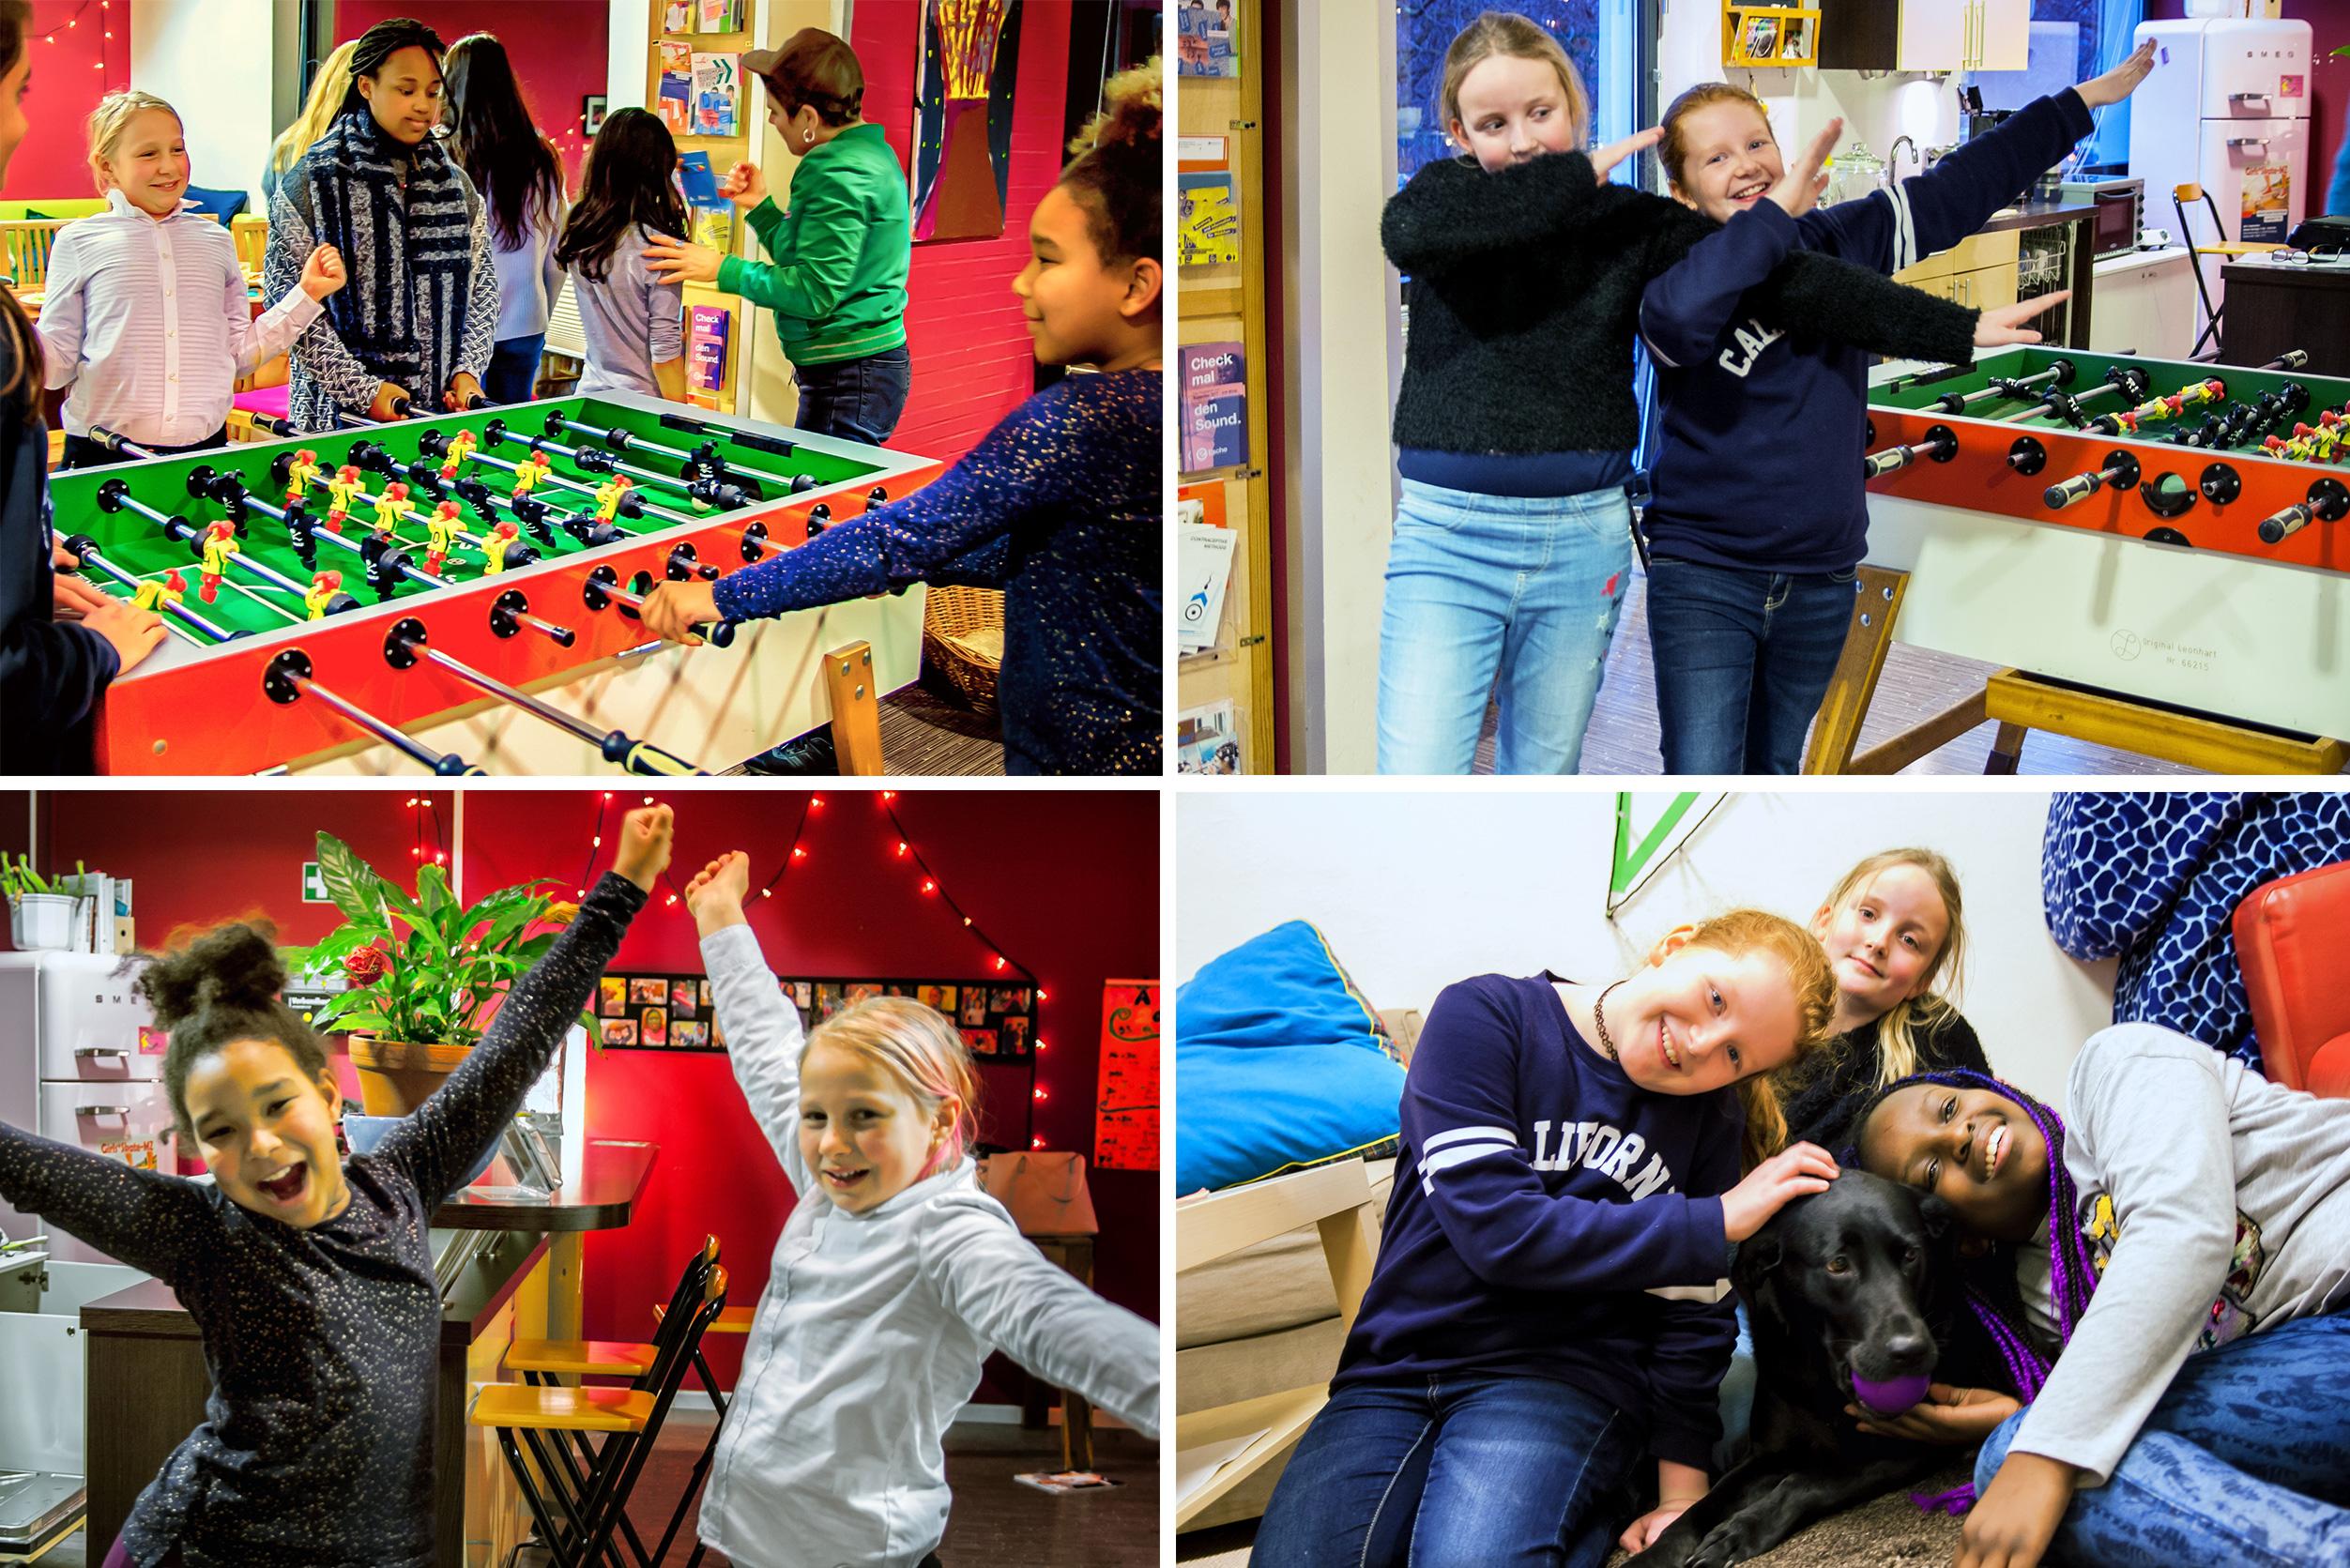 Schulkooperation im M*Z Foto von L.Vandrei